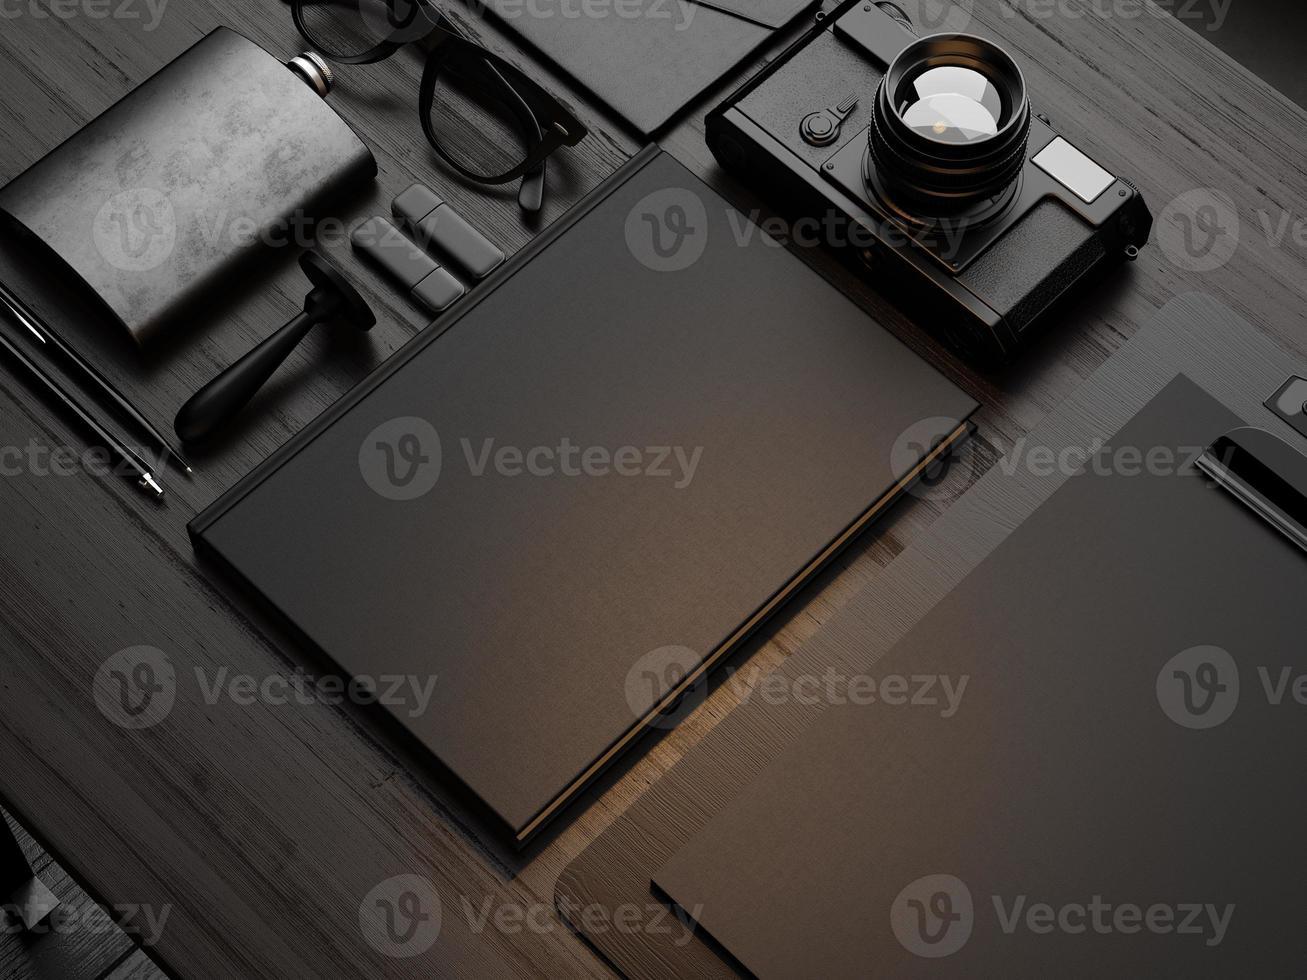 insieme di elementi di personalizzazione sullo sfondo di legno. Rendering 3D foto